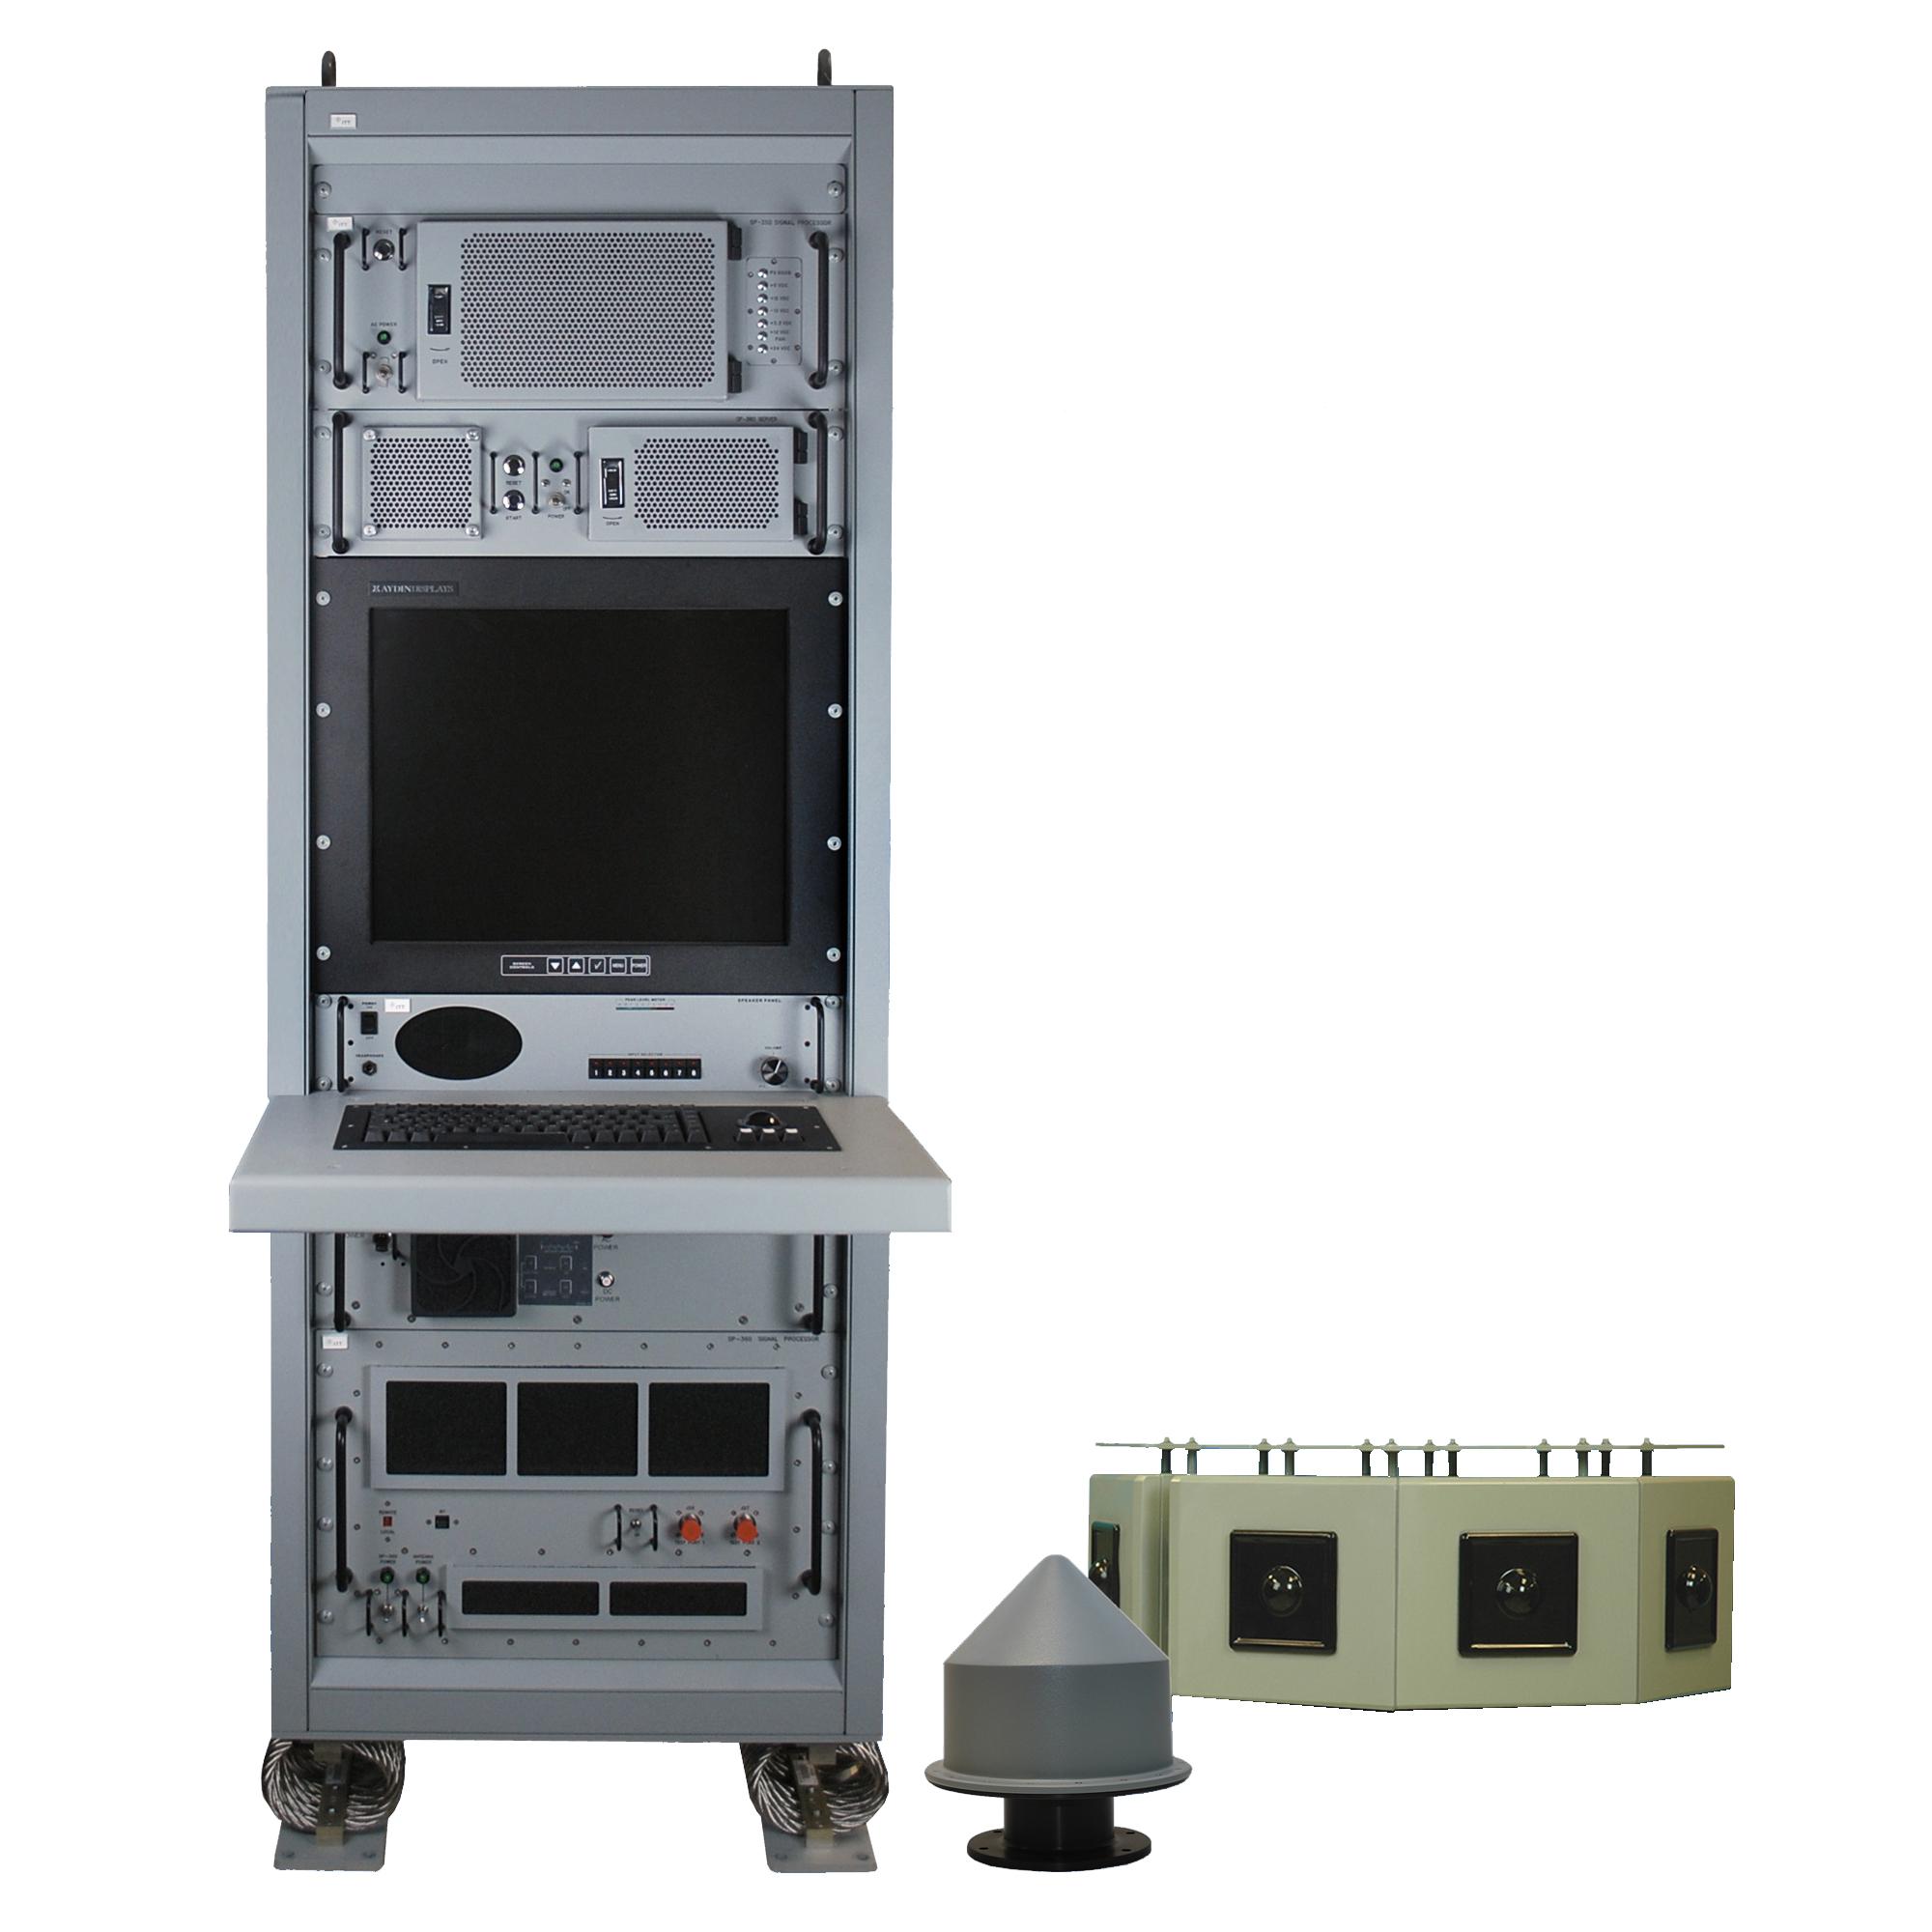 ES-3701 (L3Harris)